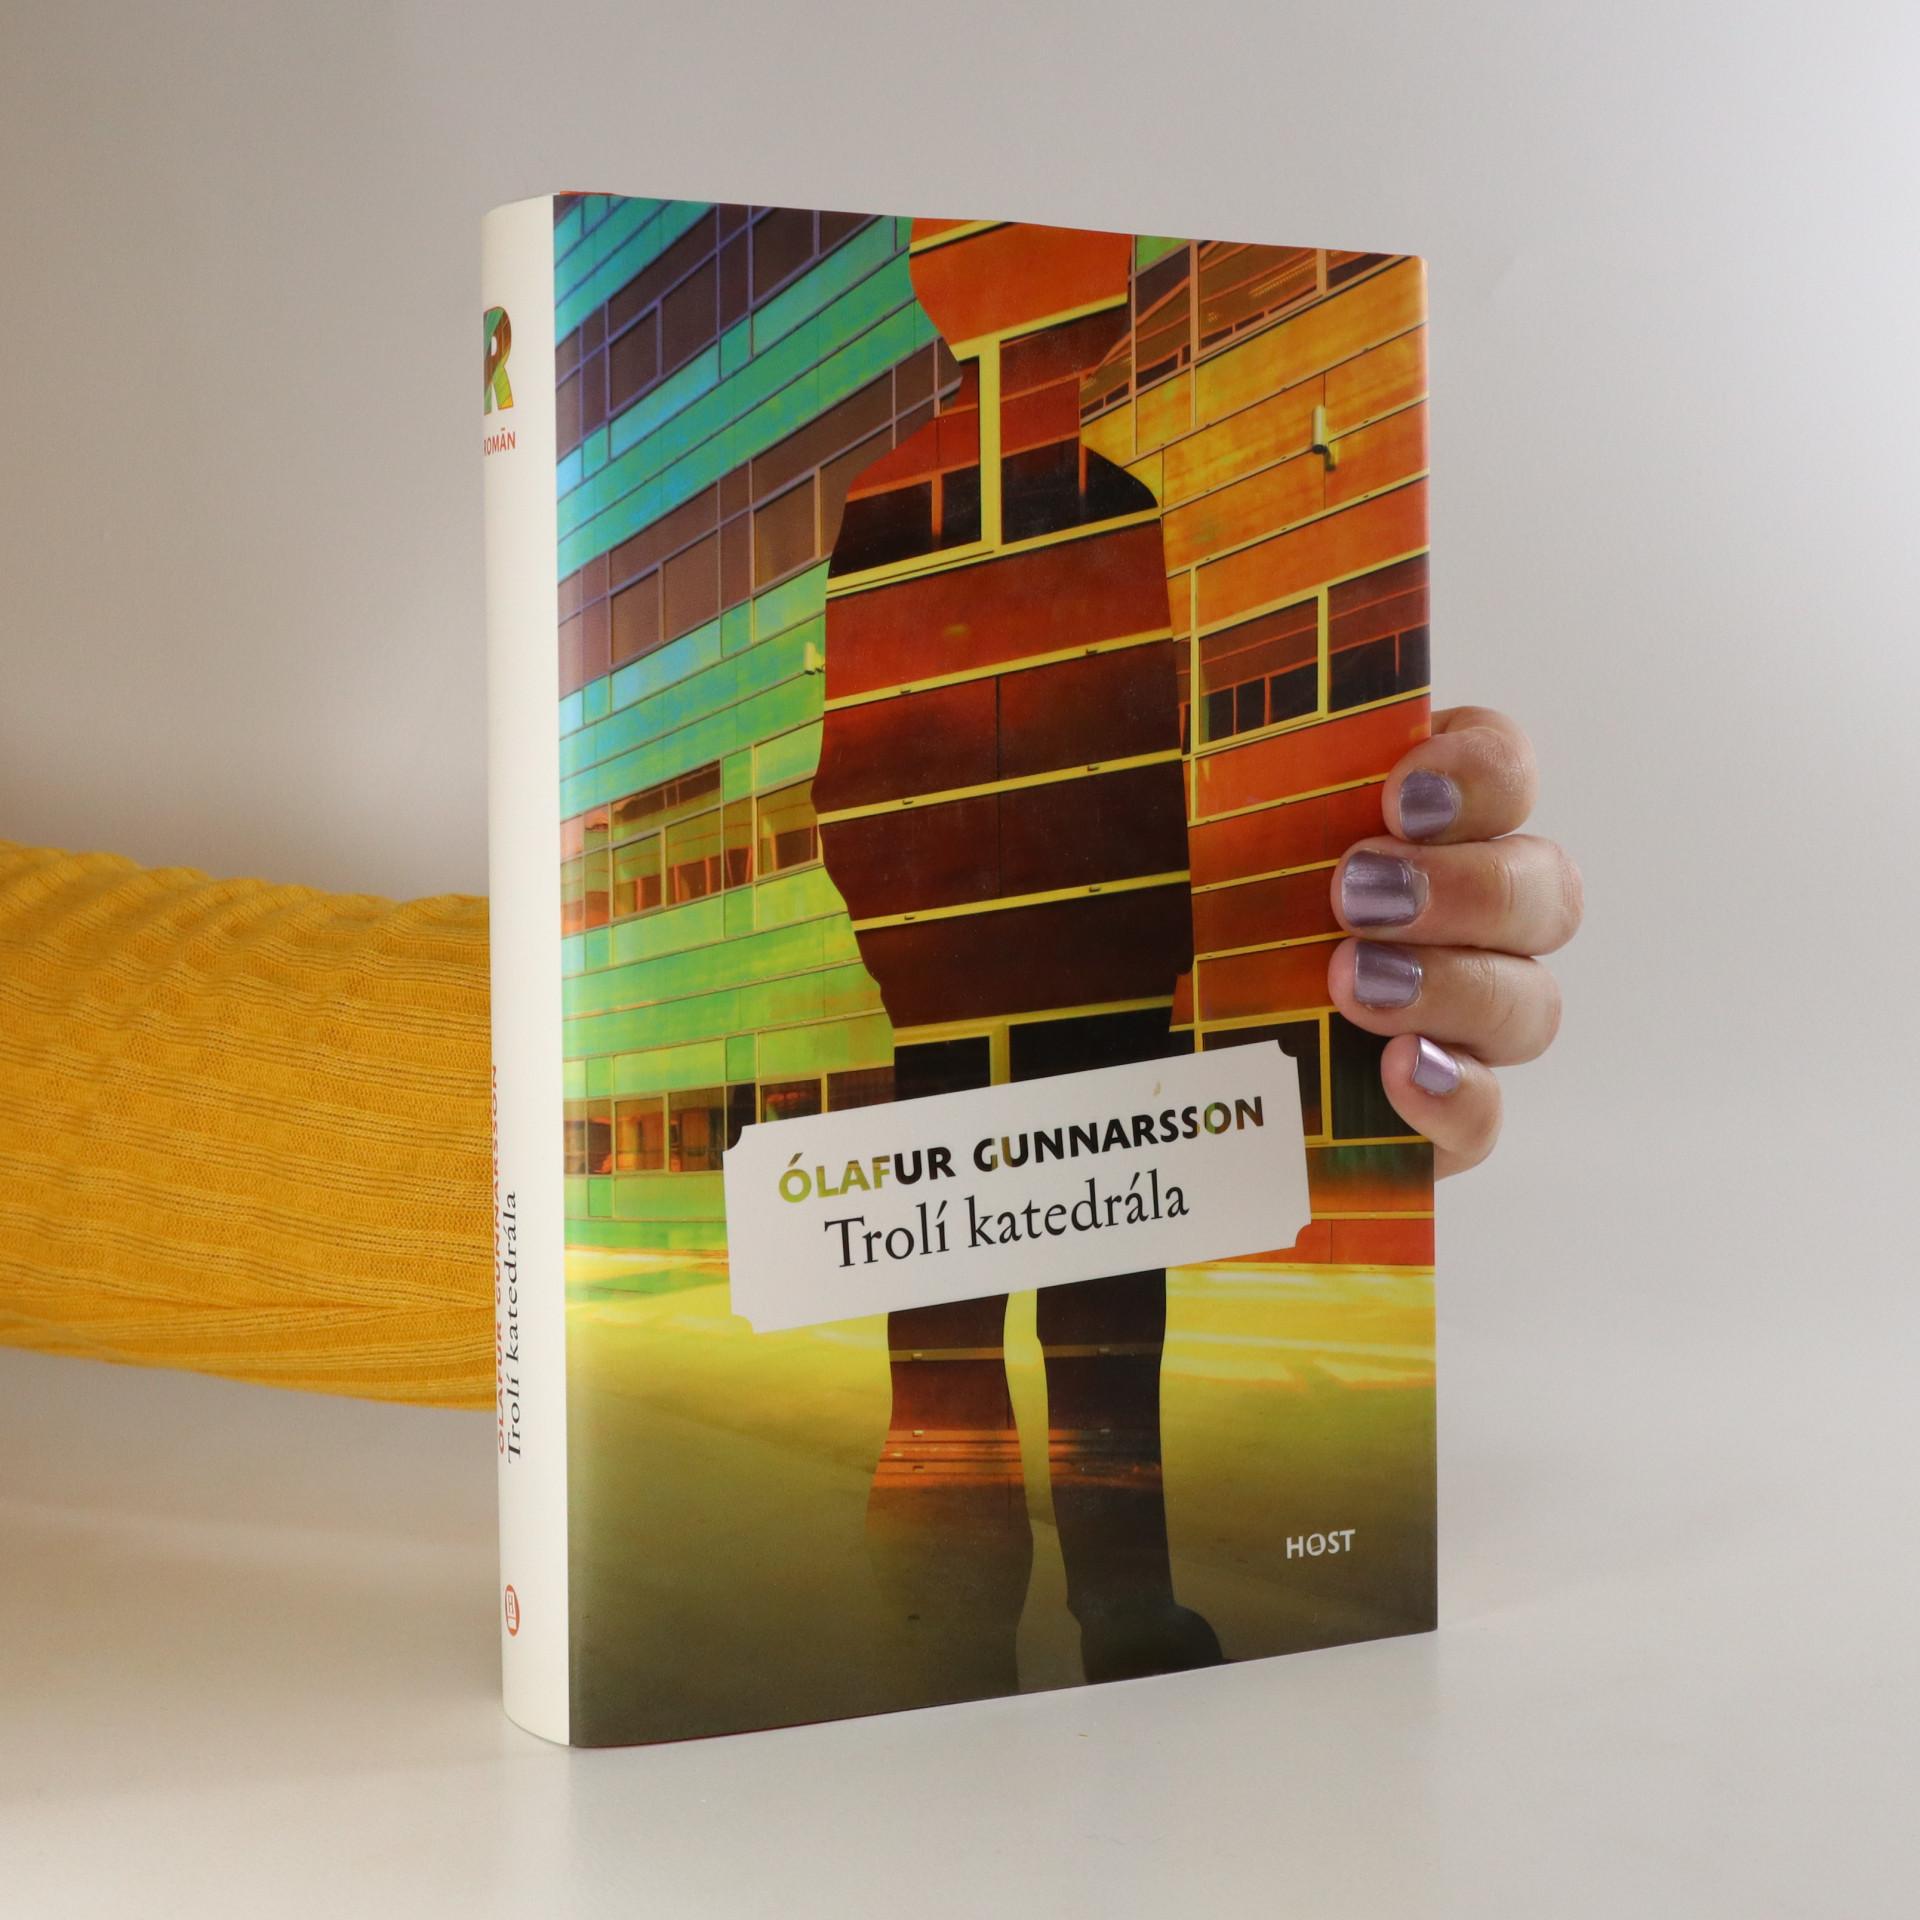 antikvární kniha Trolí katedrála, 2008